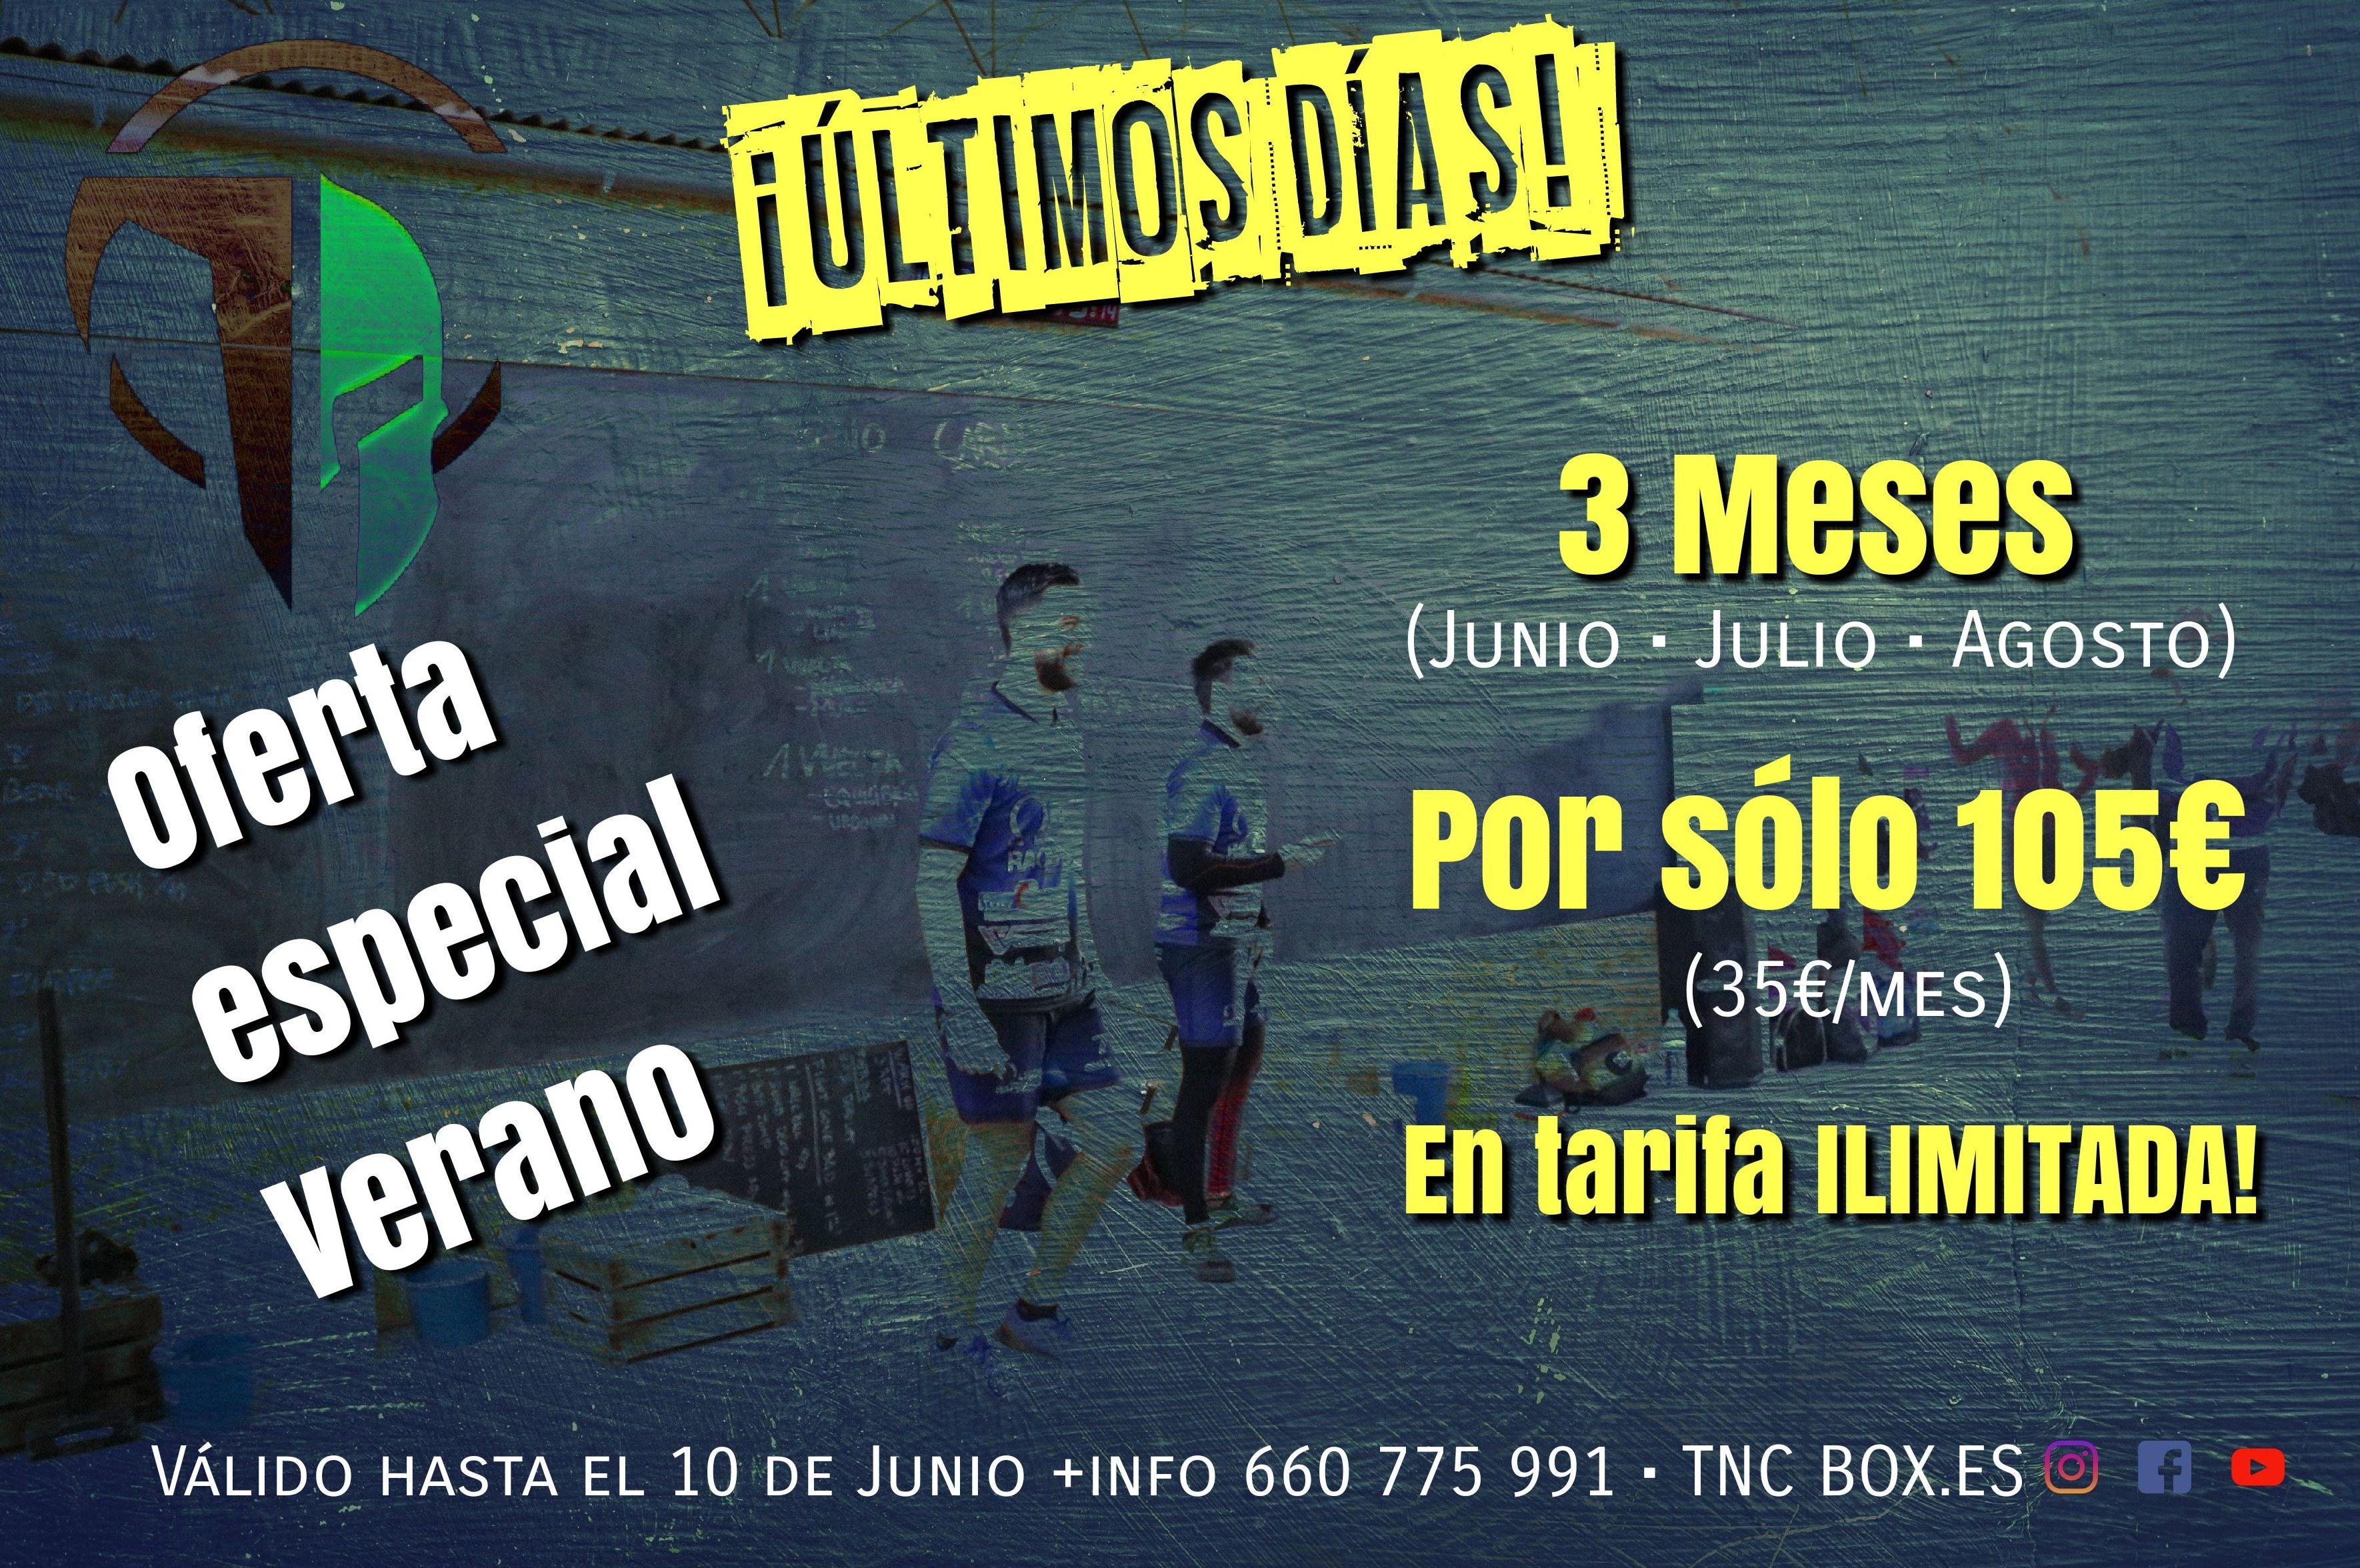 Oferta gym Murcia